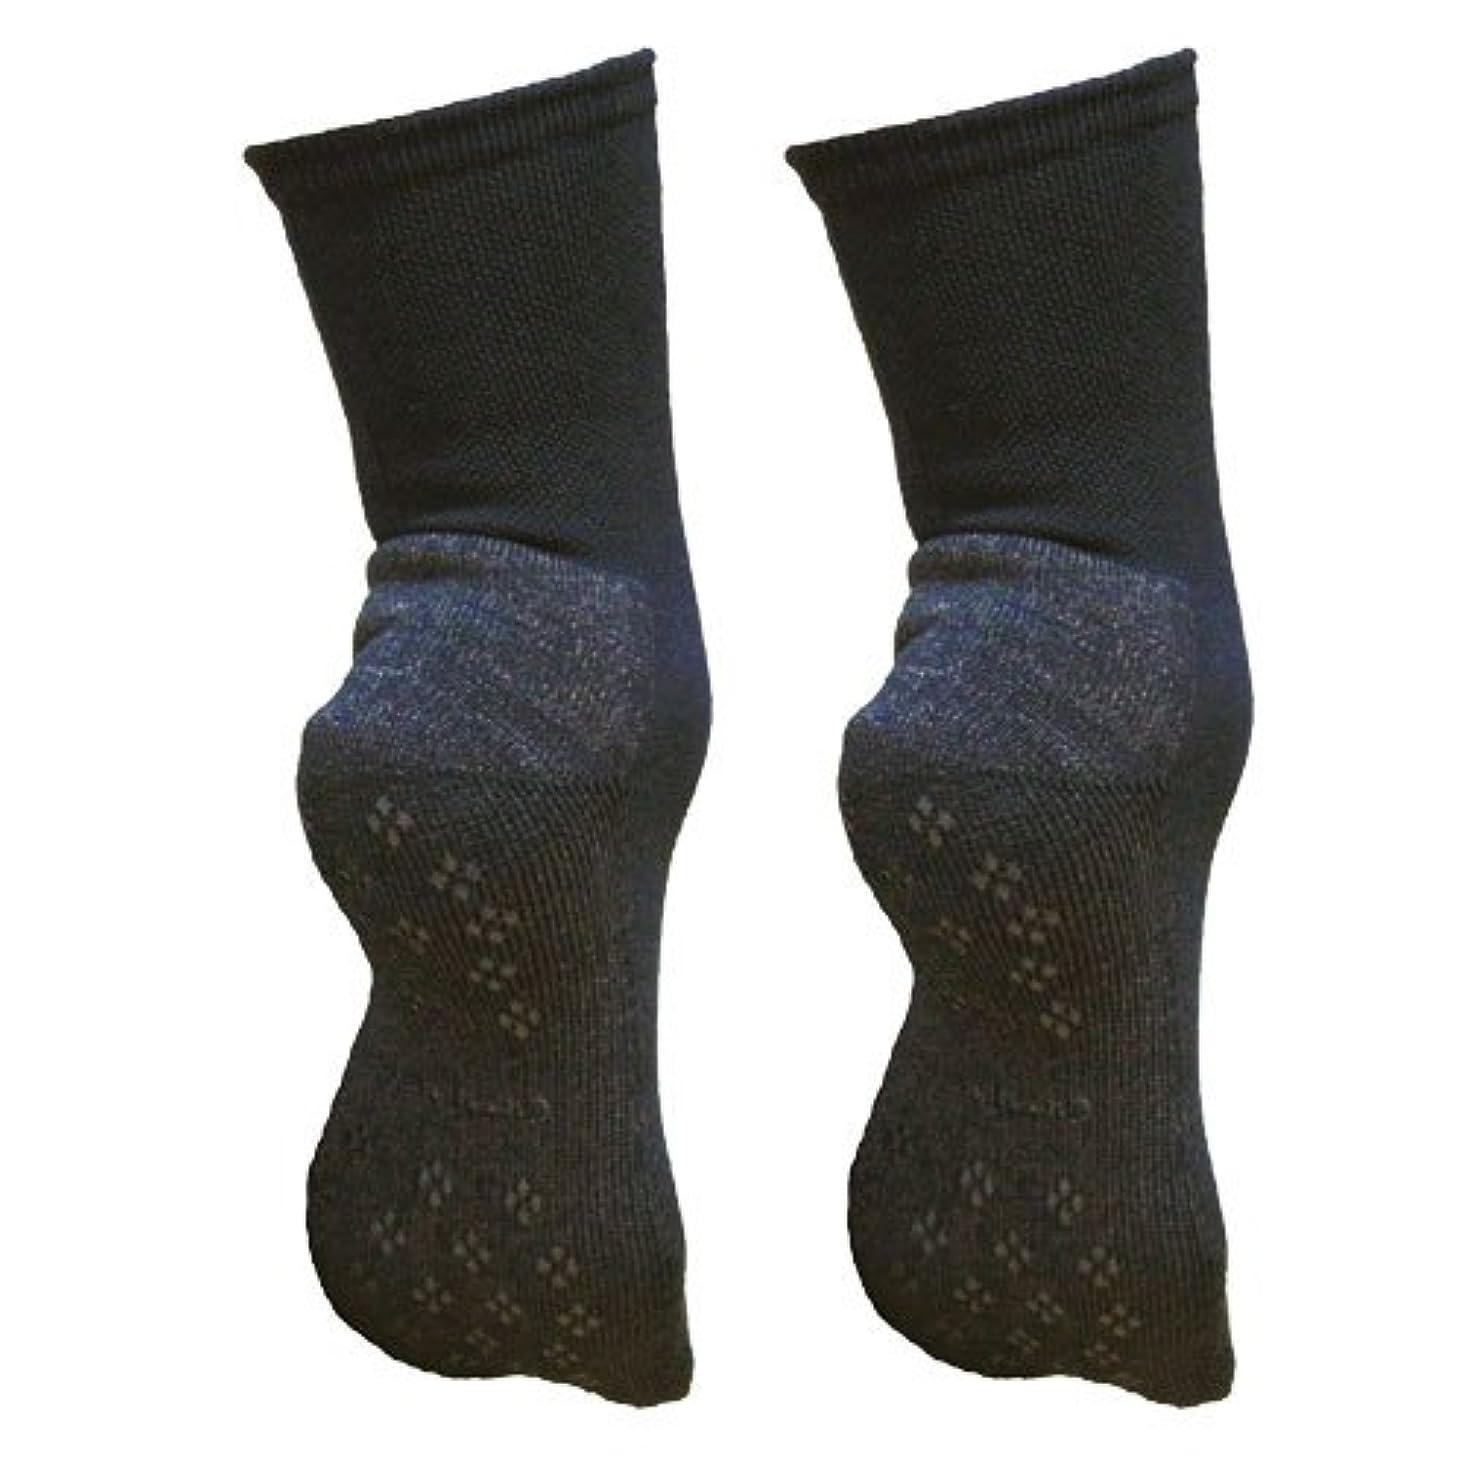 正気地味な分析する銅繊維靴下「足もとはいつも青春」パイルタイプ2足セット 靴底のあたたかさ重視